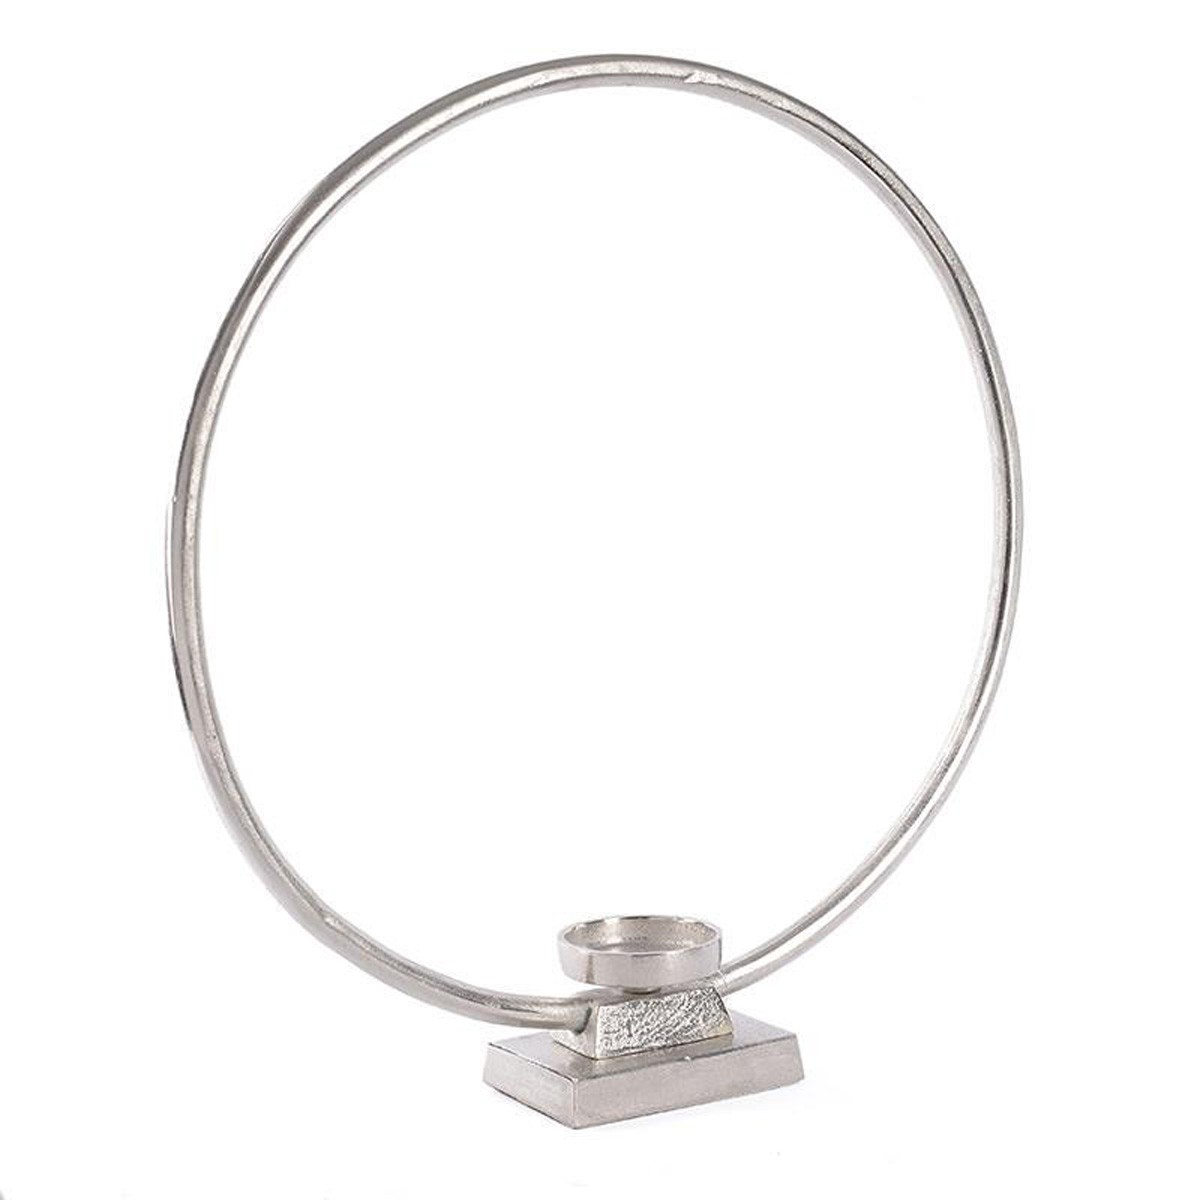 Κηροπήγιο InArt Flame Hoop Silver 3-70-357-0058